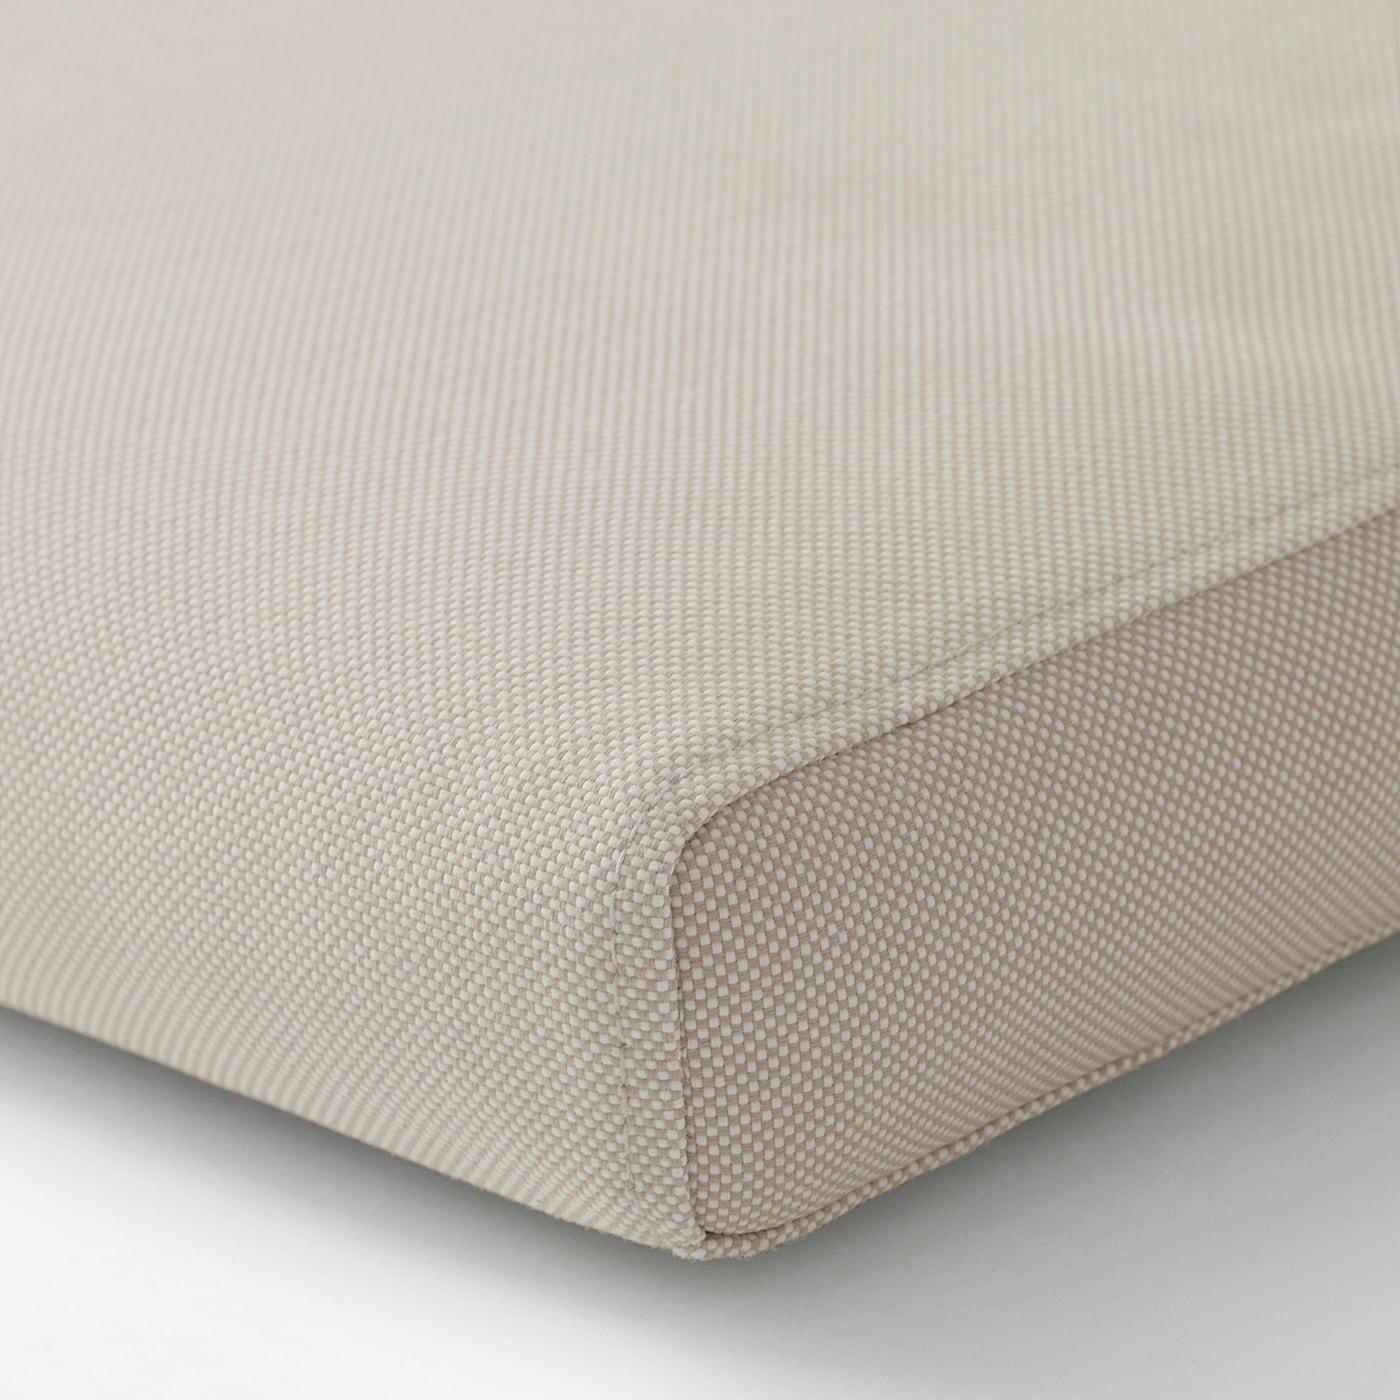 FRÖSÖN/DUVHOLMEN Sedák s opěrkou, venkovní, béžová, 116x45 cm